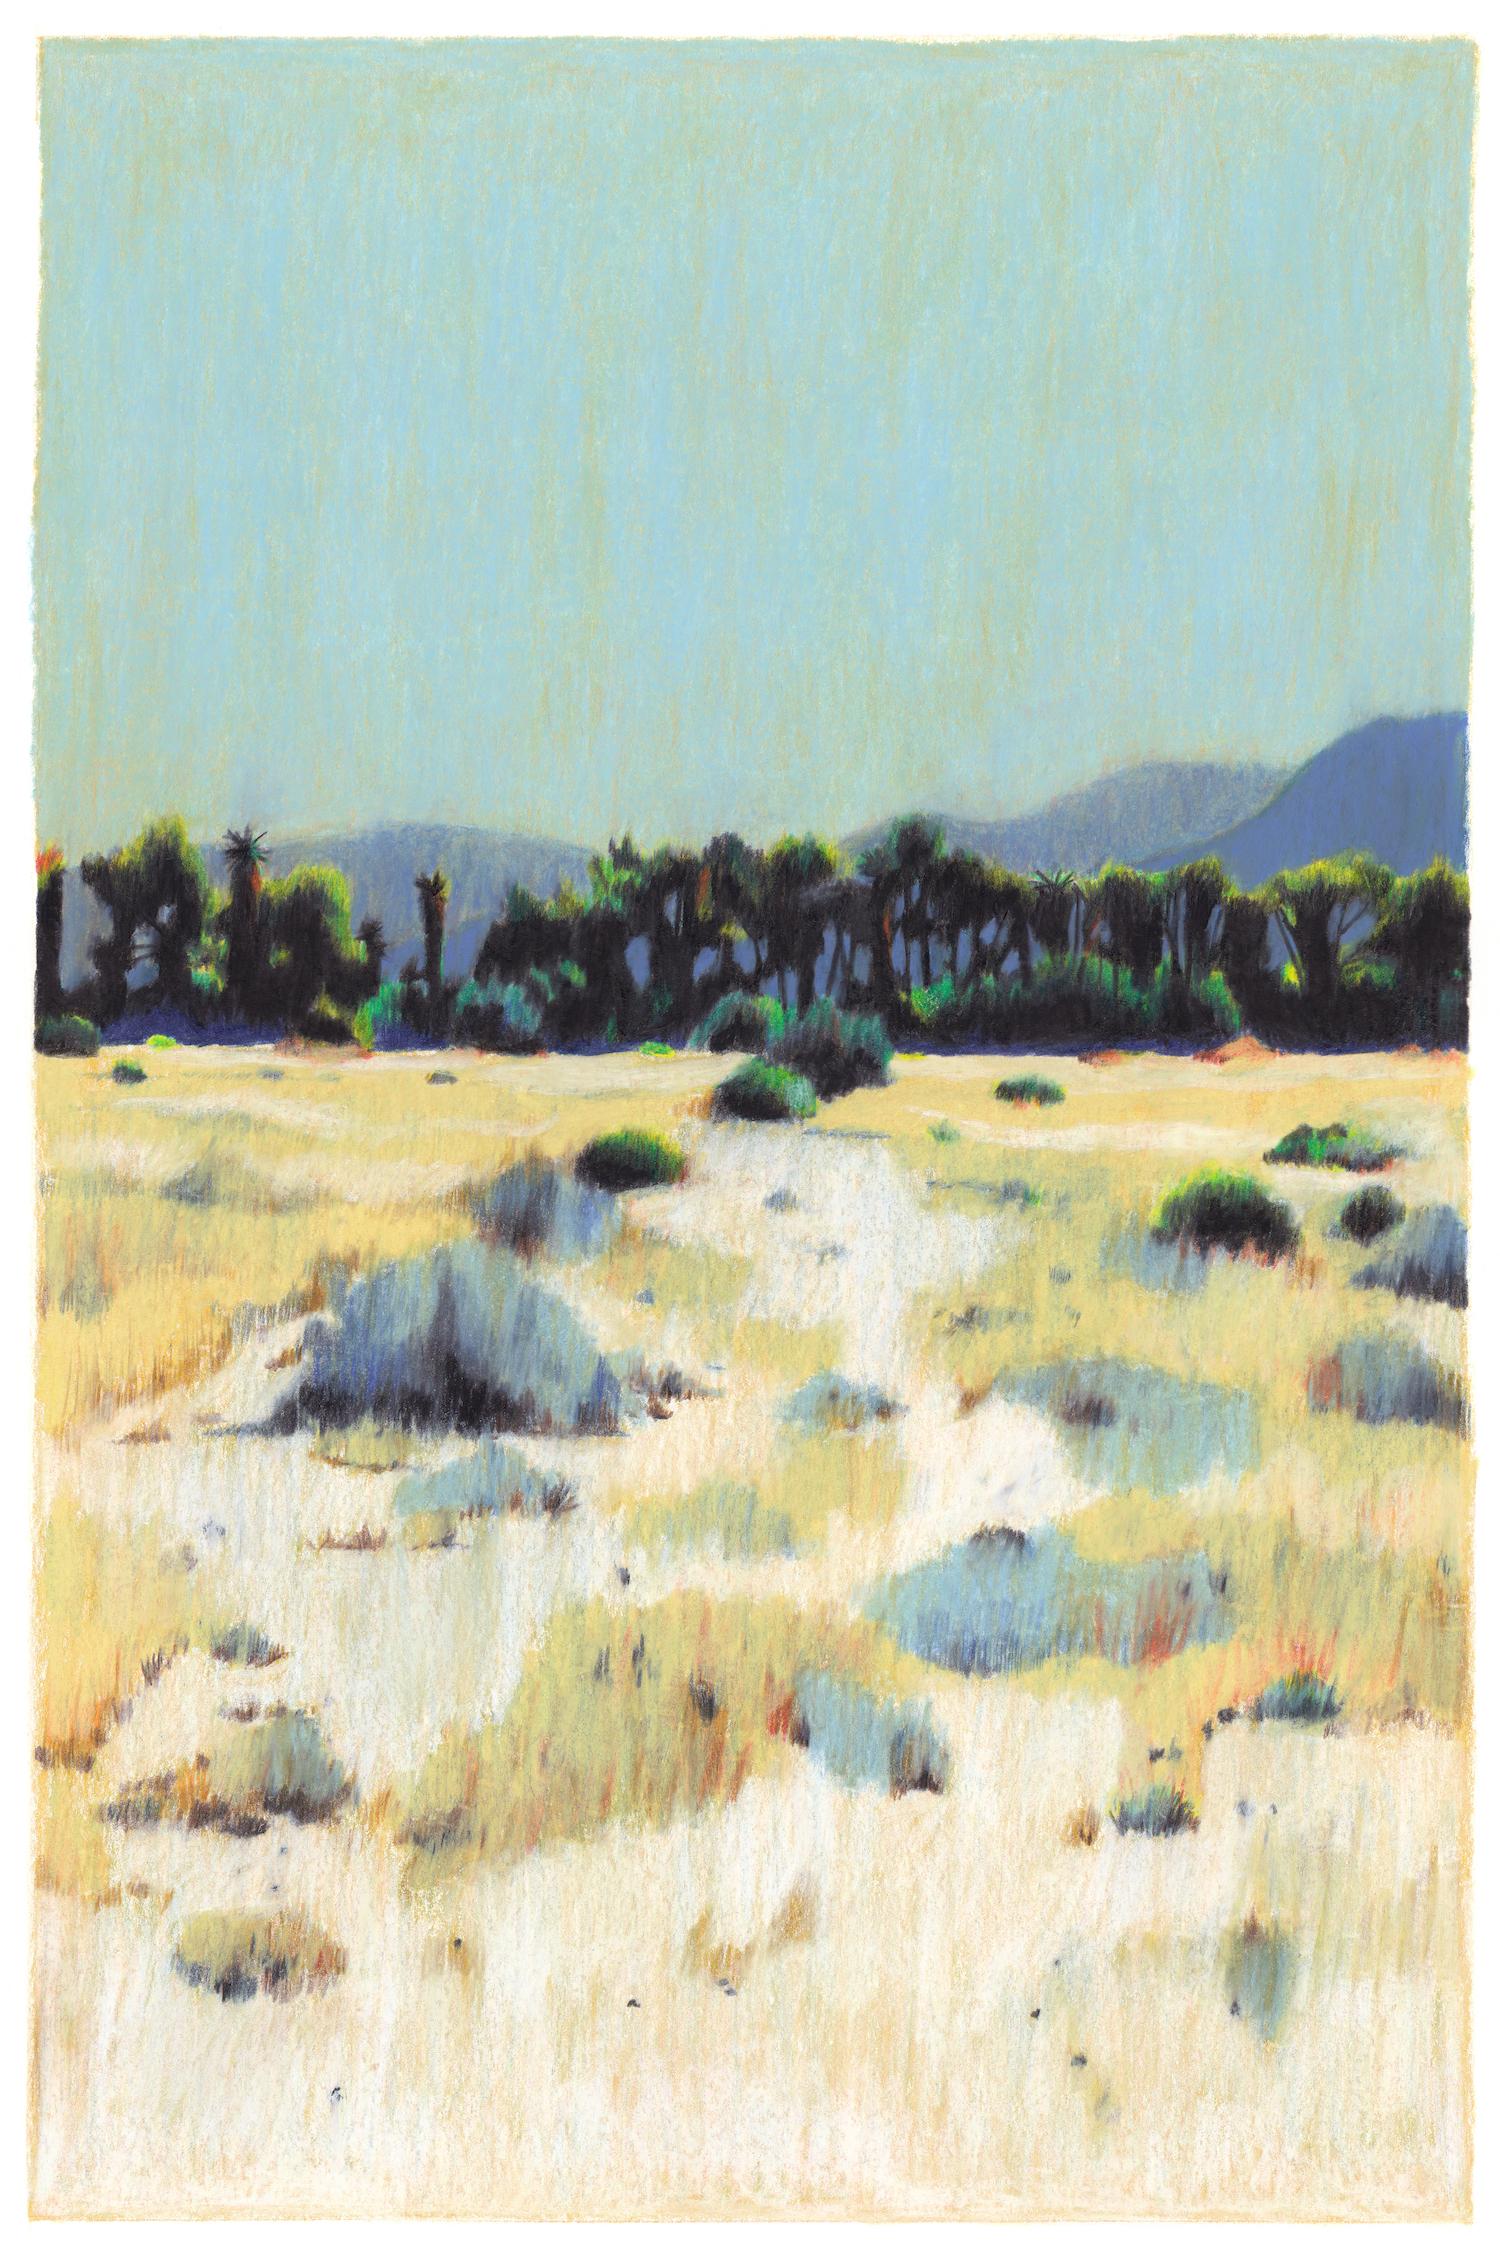 désert californie sable ciel bleu